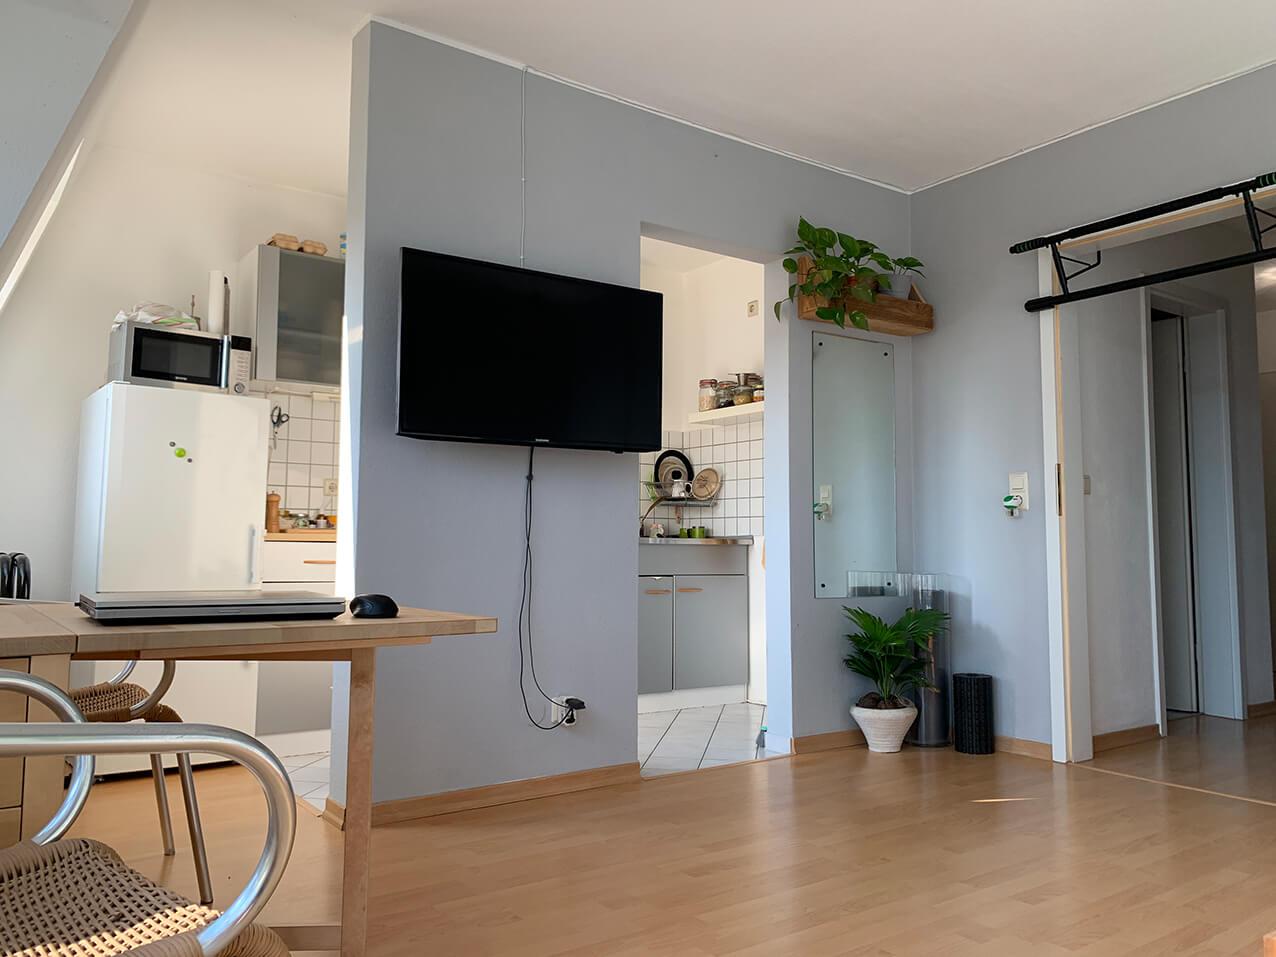 1 Raum Wohnung Dresden